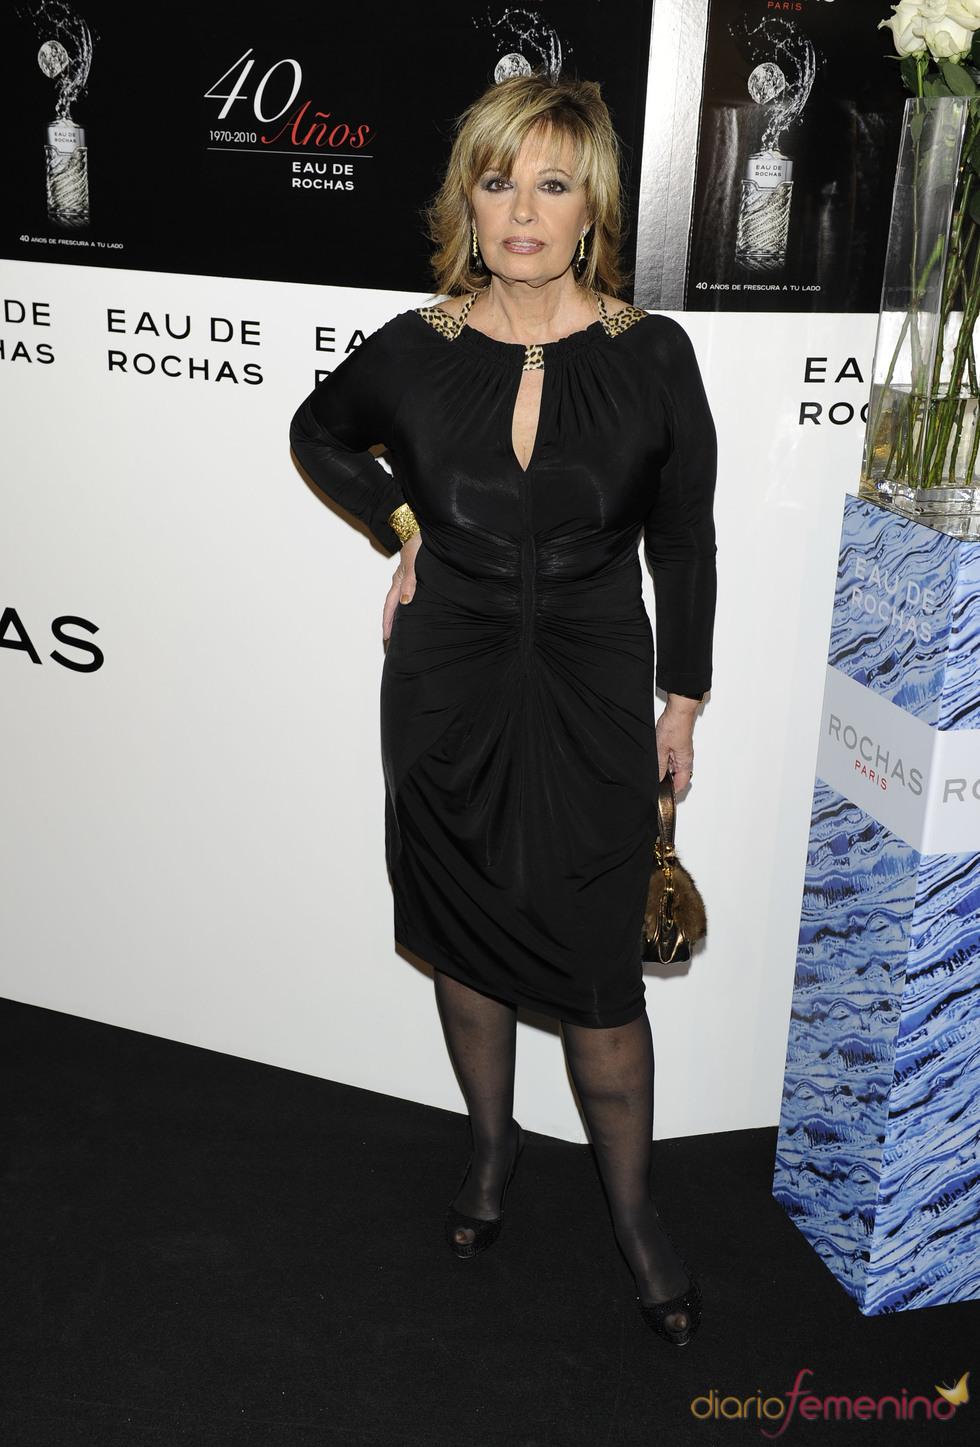 María Teresa Campos en el 40 aniversario de 'Eau de Rochas'